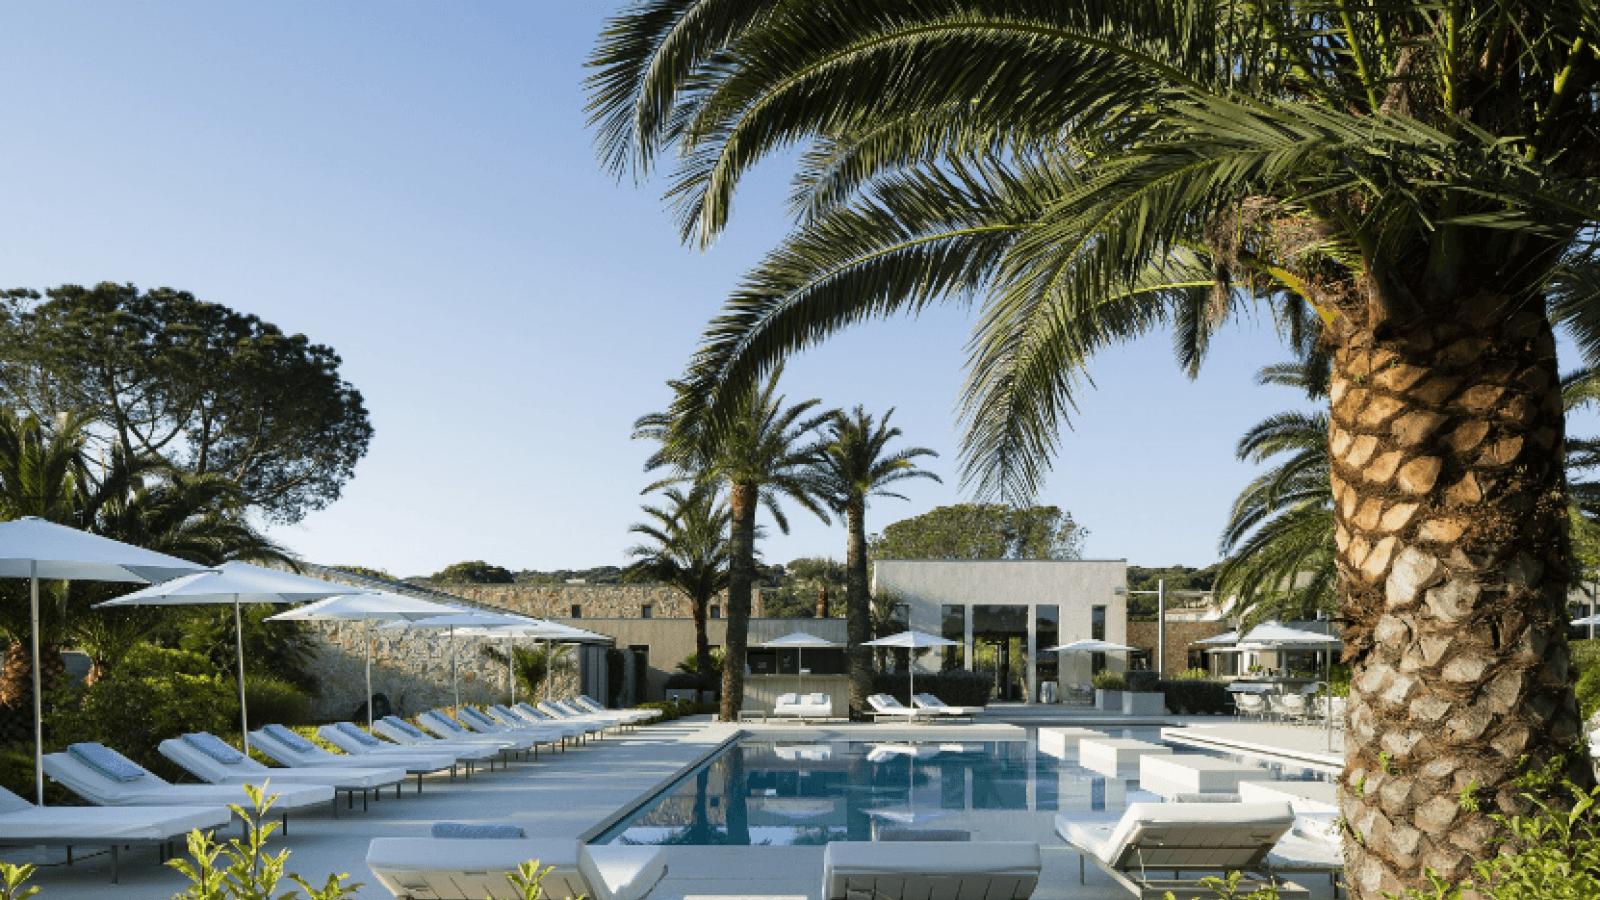 Meet Christophe Ponceau - Part 2 : The uniquely verdant atmosphere at the Sezz Saint-Tropez